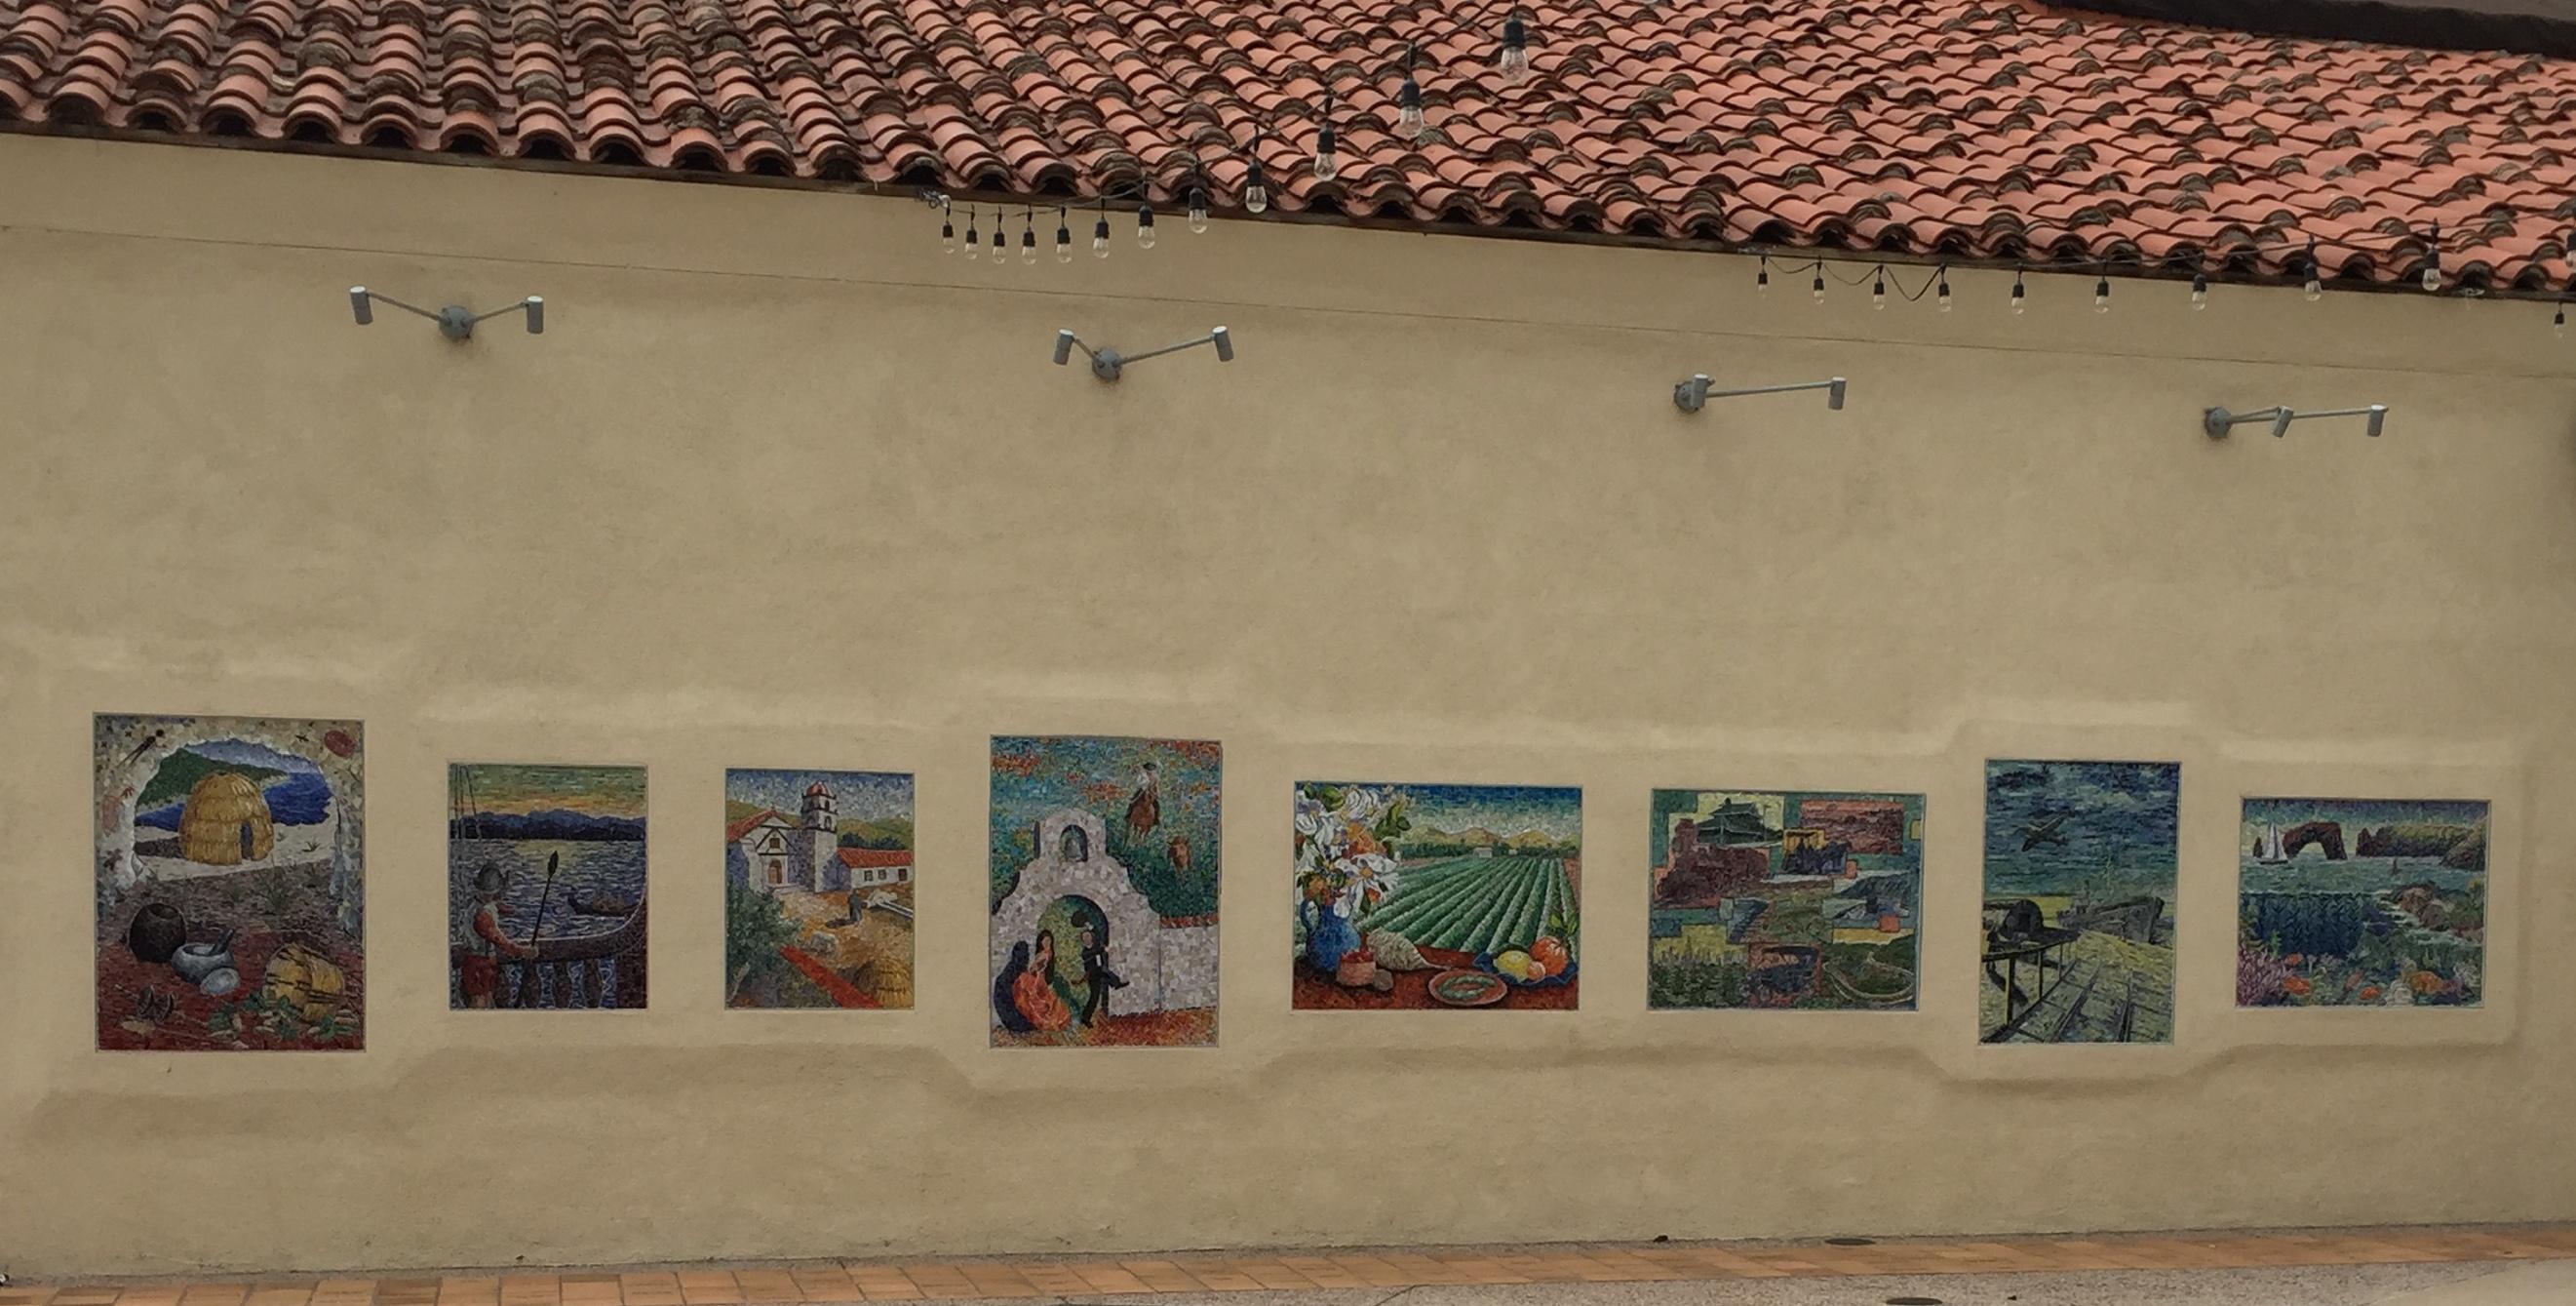 Vebtura museum mosaics - ventura santa Barbara san Fernando Missions